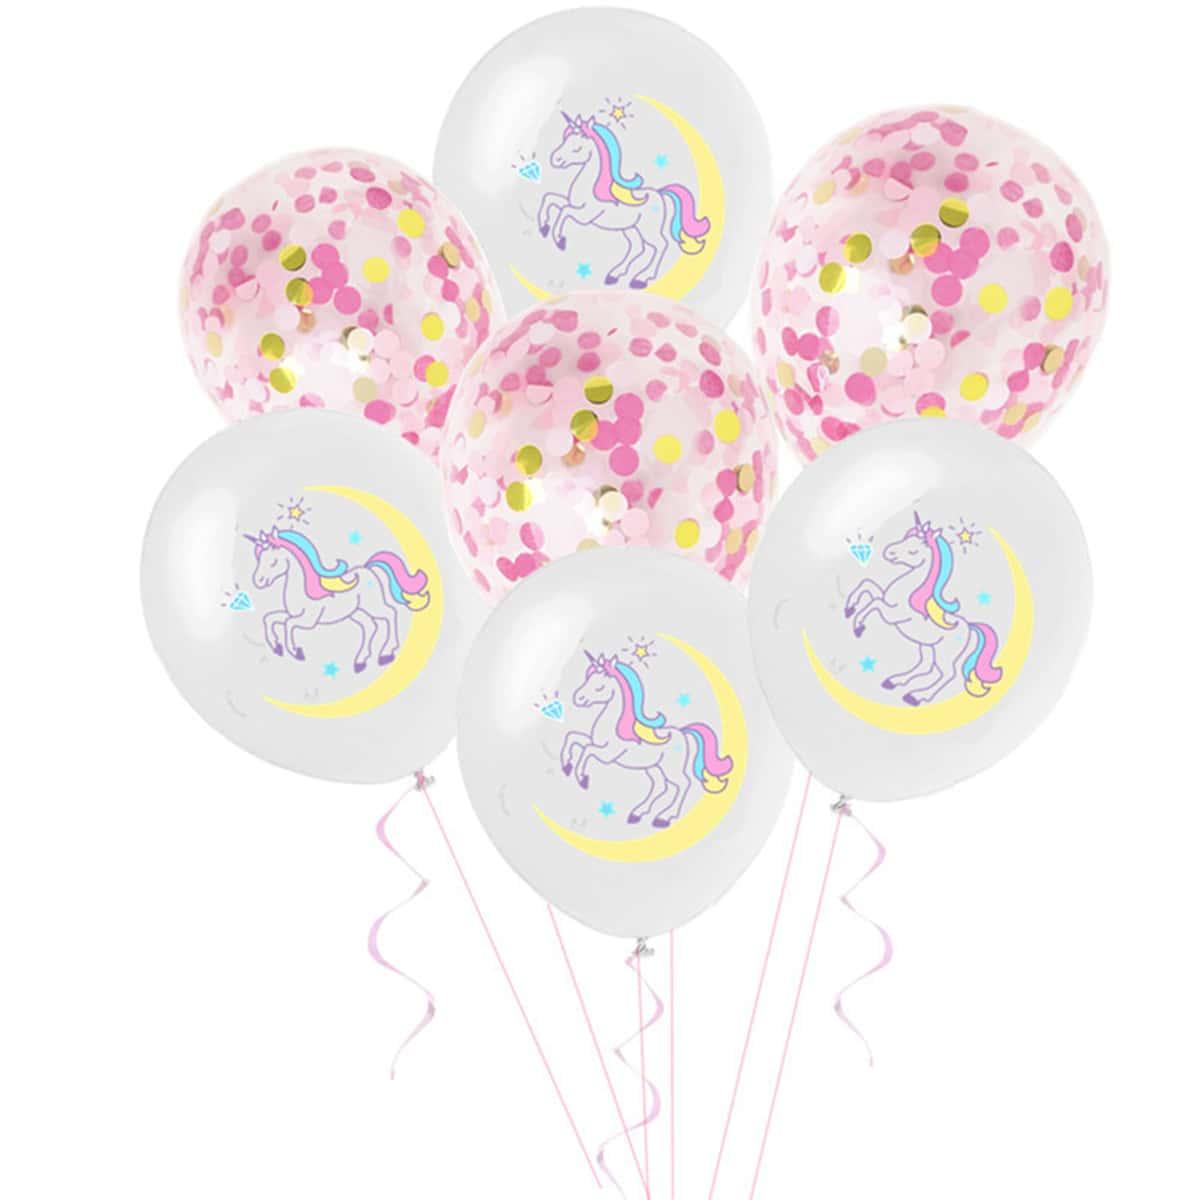 15шт воздушный шар с принтом единорога